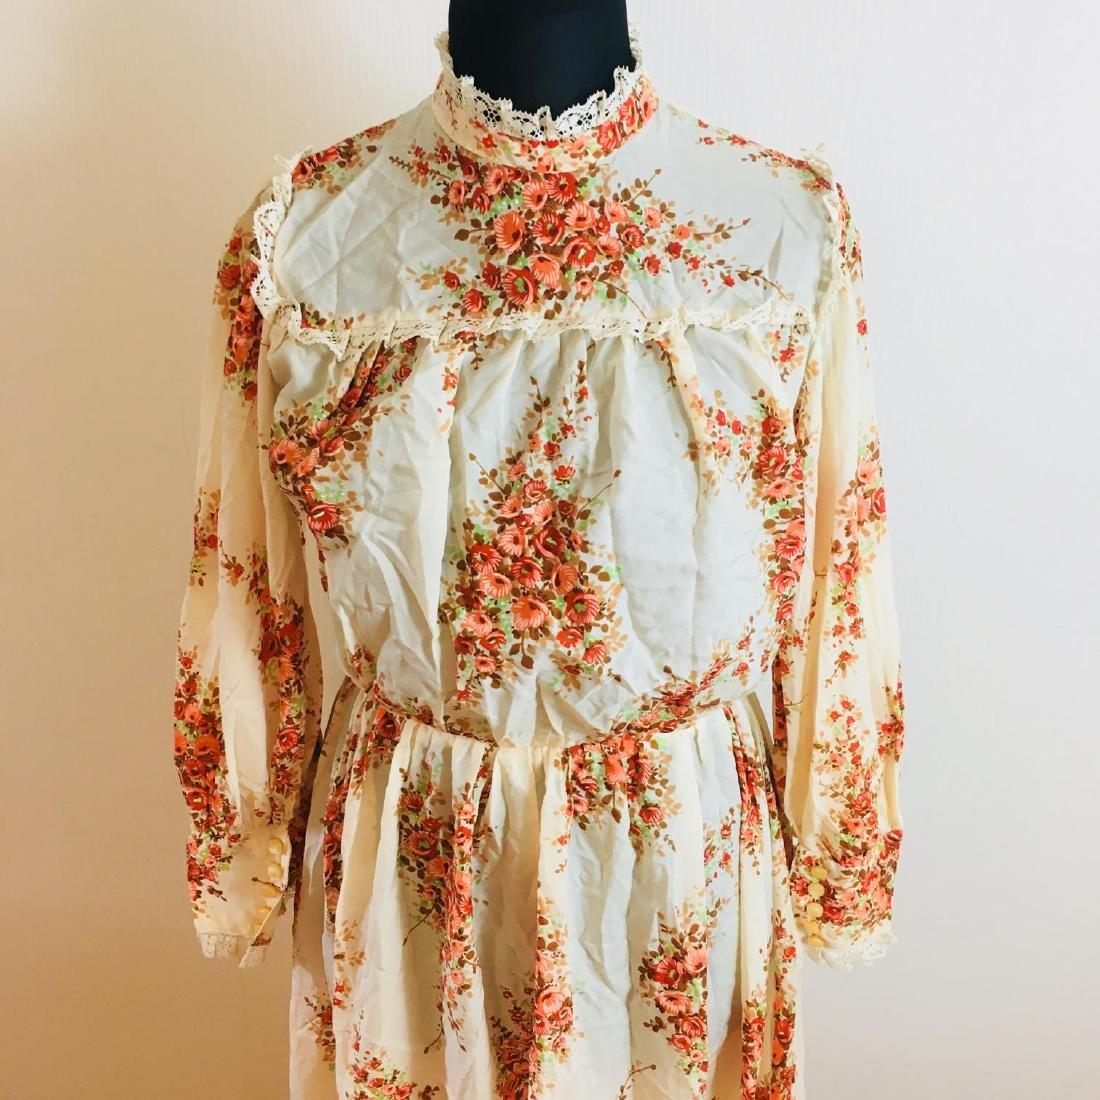 Vintage Women's Cocktail Maxi Dress Size EUR 38 US 8 - 3